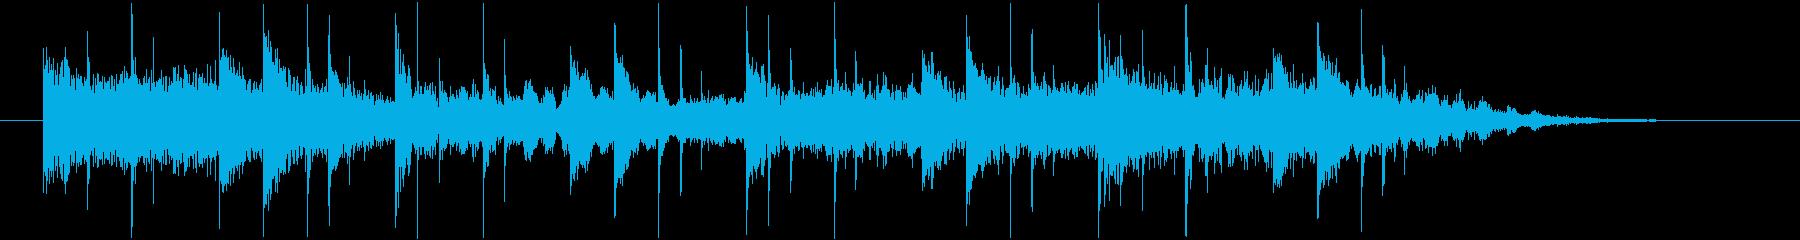 コーナータイトル_ふんわりアンビエント2の再生済みの波形